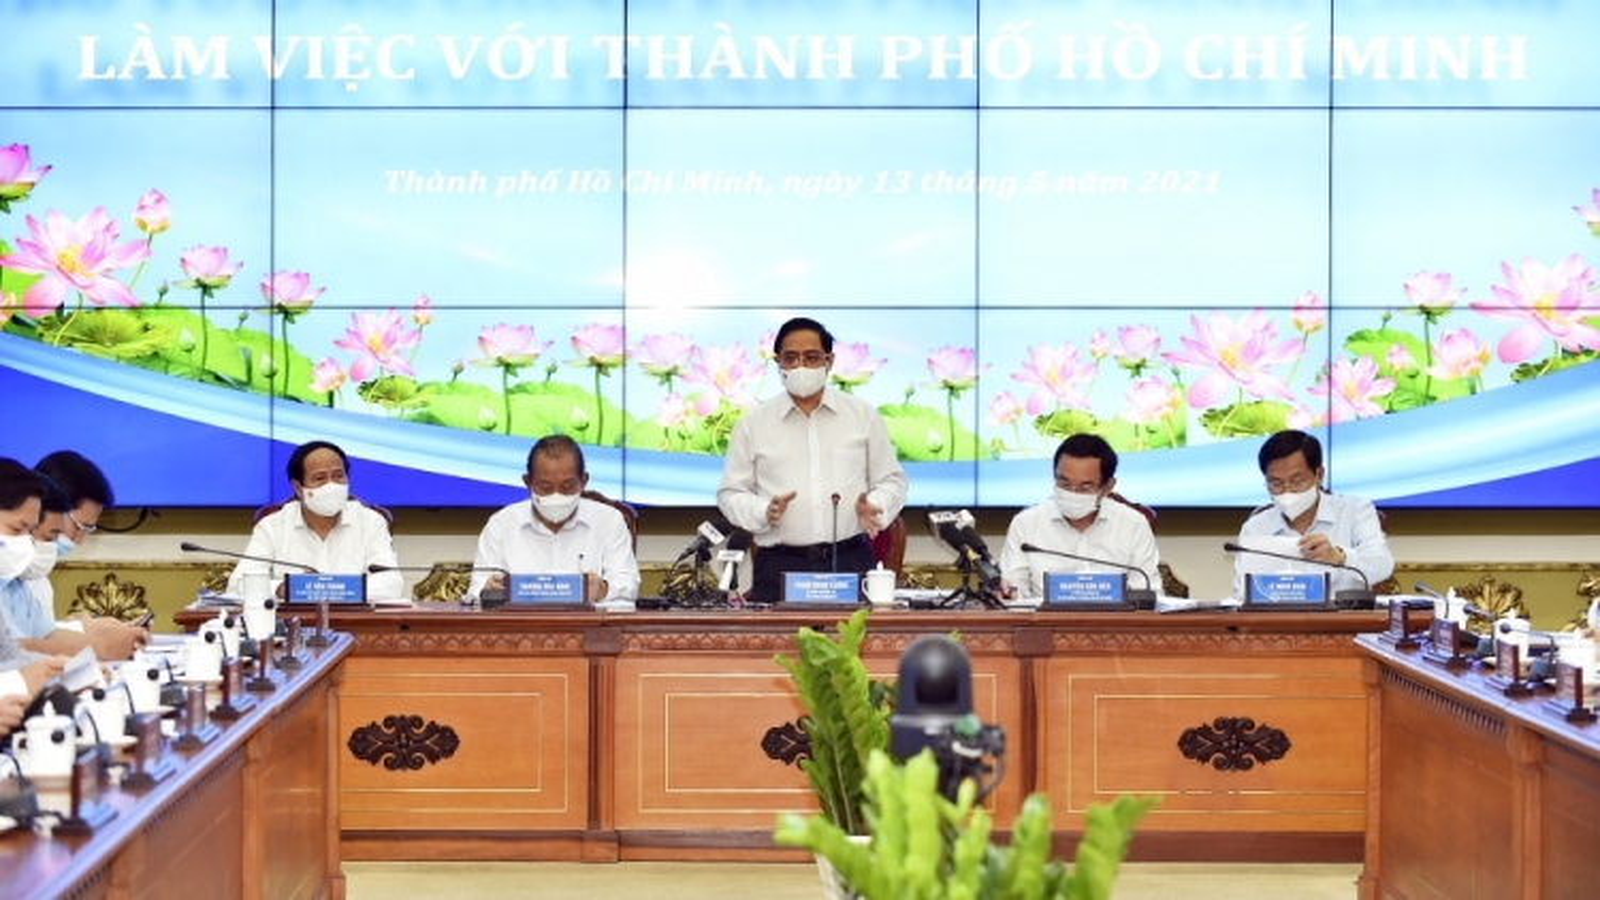 Thủ tướng yêu cầu giải quyết những vấn đề trọng tâm, cấp bách của TP.HCM